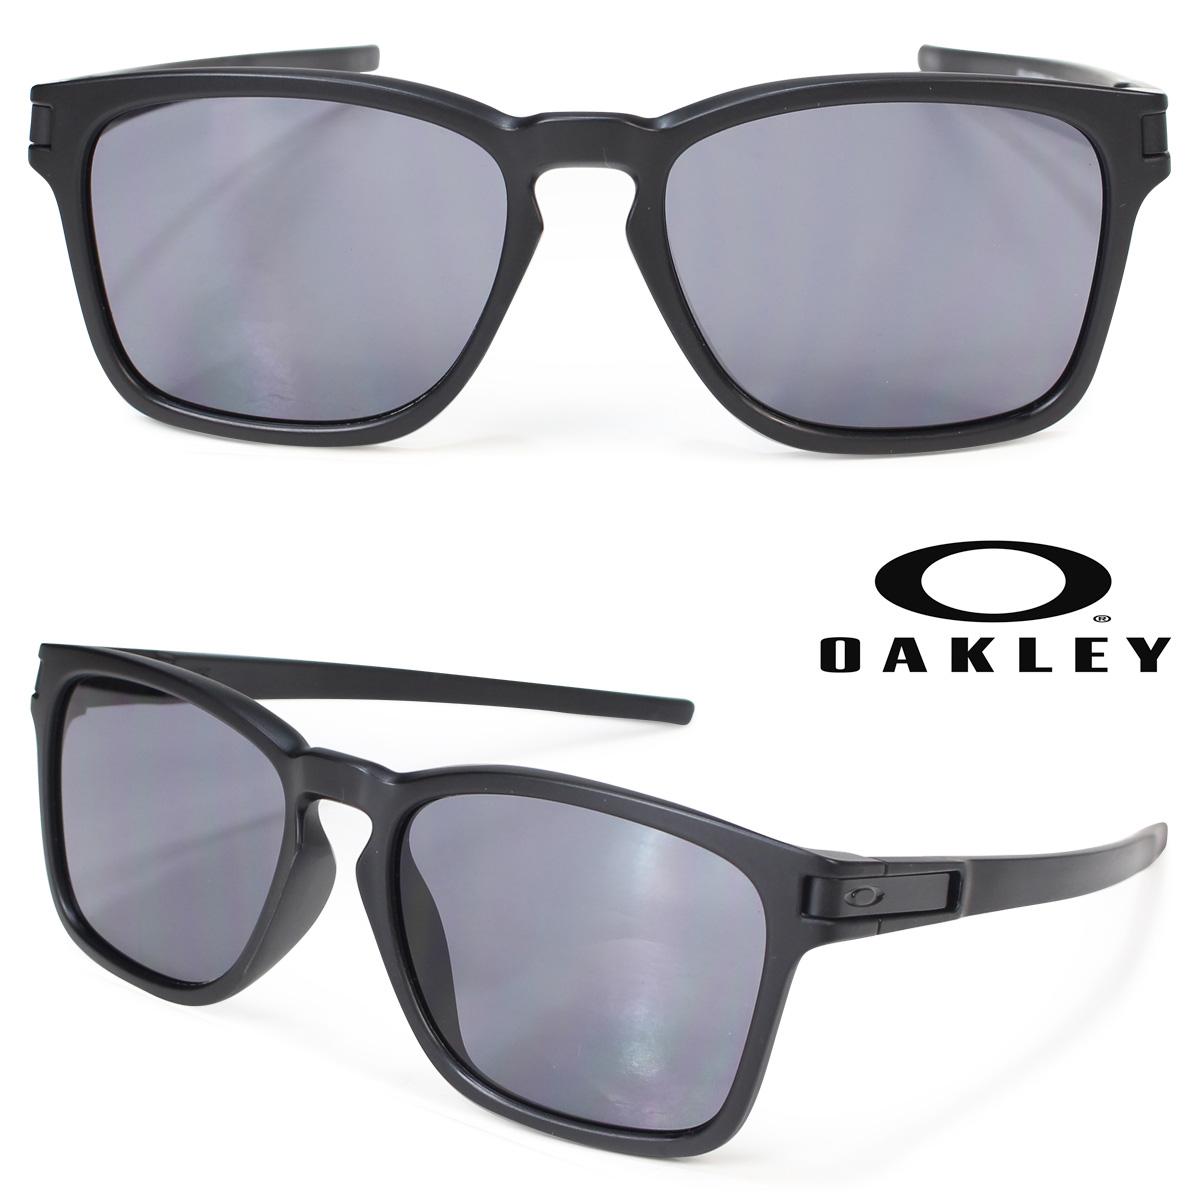 オークリー サングラス ラッチ アジアンフィット Oakley LATCH SQUARE ASIA FIT OO9358-01 ブラック 黒 メンズ レディース